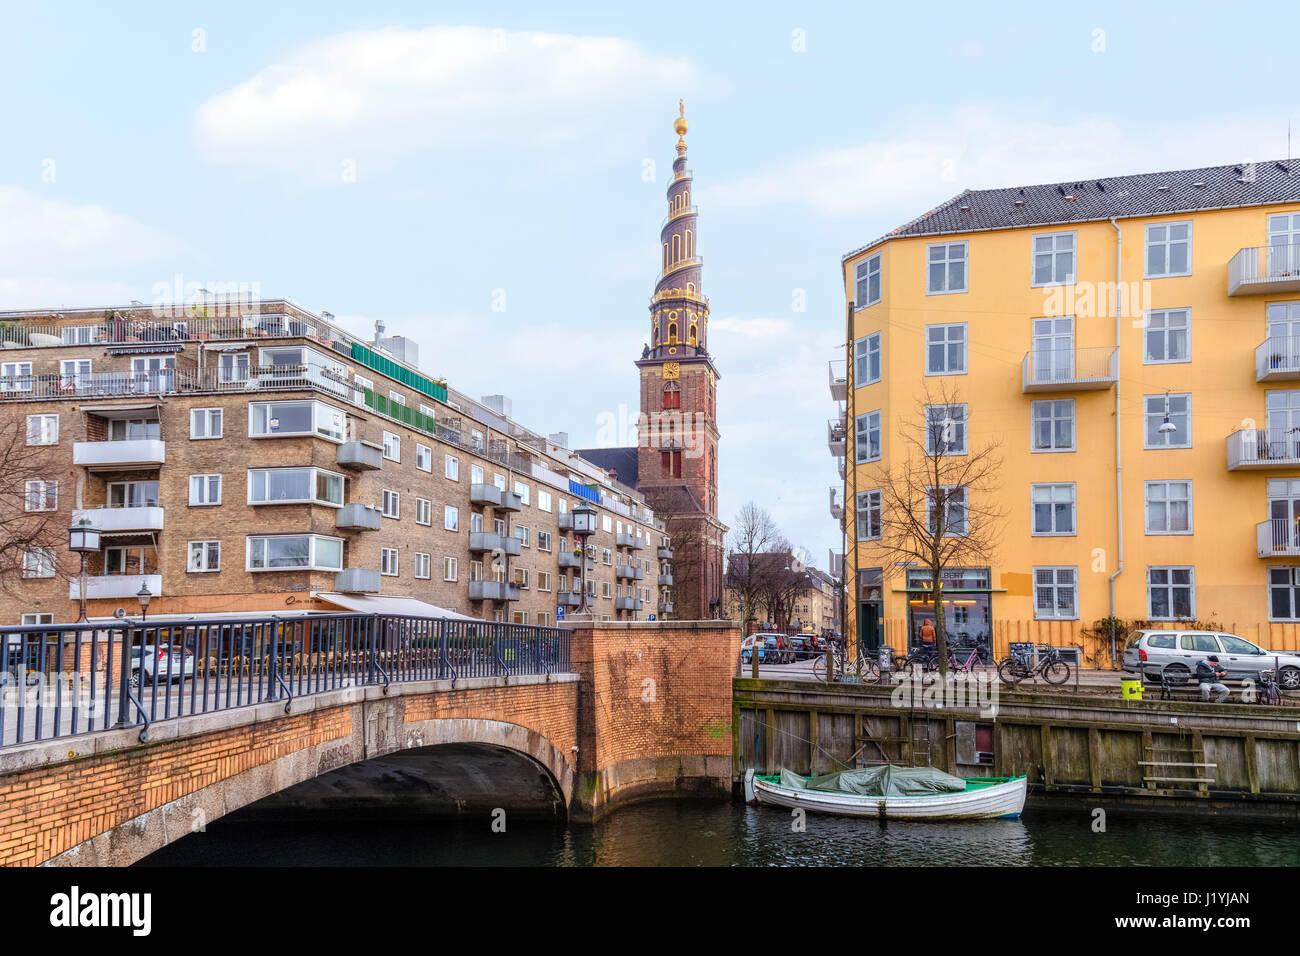 Church of Our Saviour, Copenhagen, Denmark, Scandinavia Stock Photo